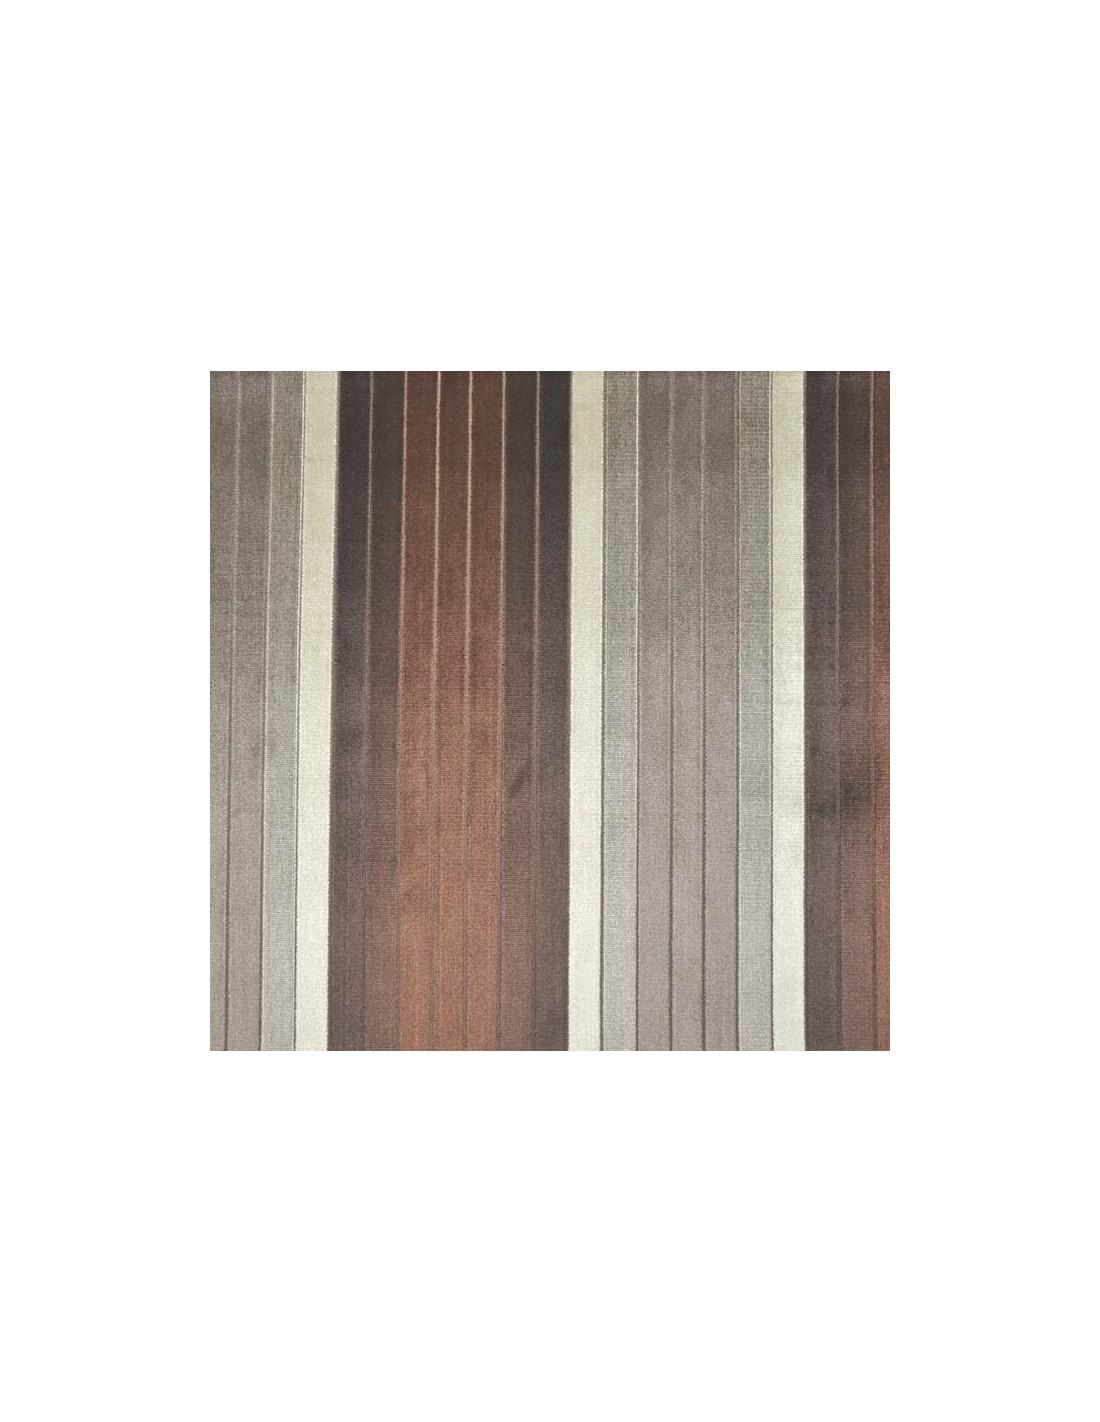 tissu rayures casal doux tissu ameublement docks negresse biarritz. Black Bedroom Furniture Sets. Home Design Ideas